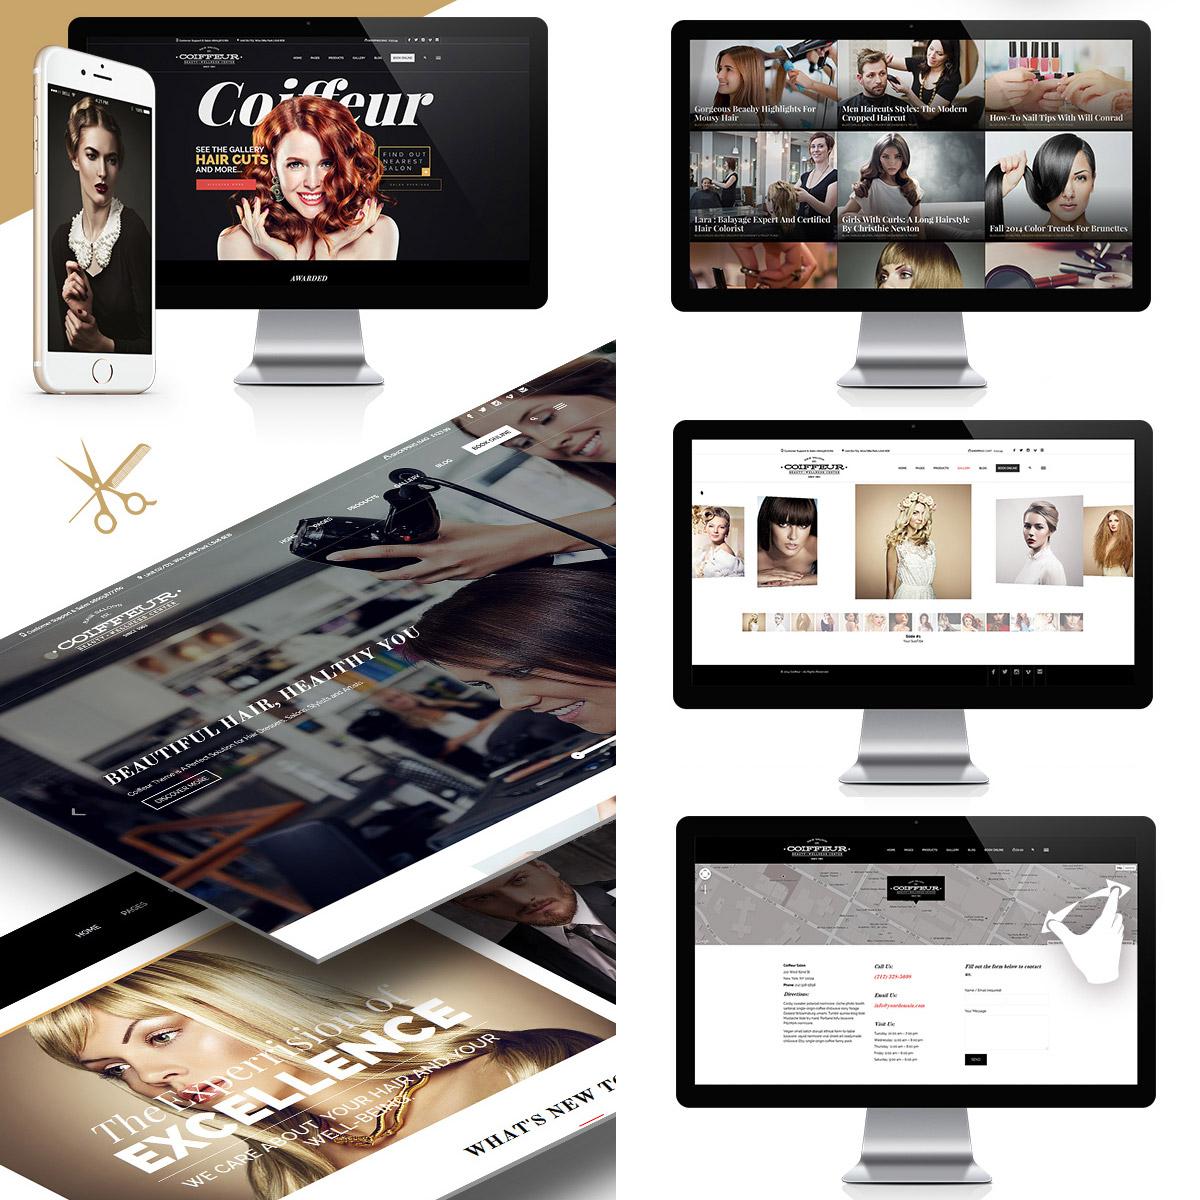 Kvalitní webové stránky jsou vaše nejdůležitější vizitka. Je jedno, jestli jako kadeřník podnikáte sám, nebo potřebujete prezentovat celý tým své firmy.